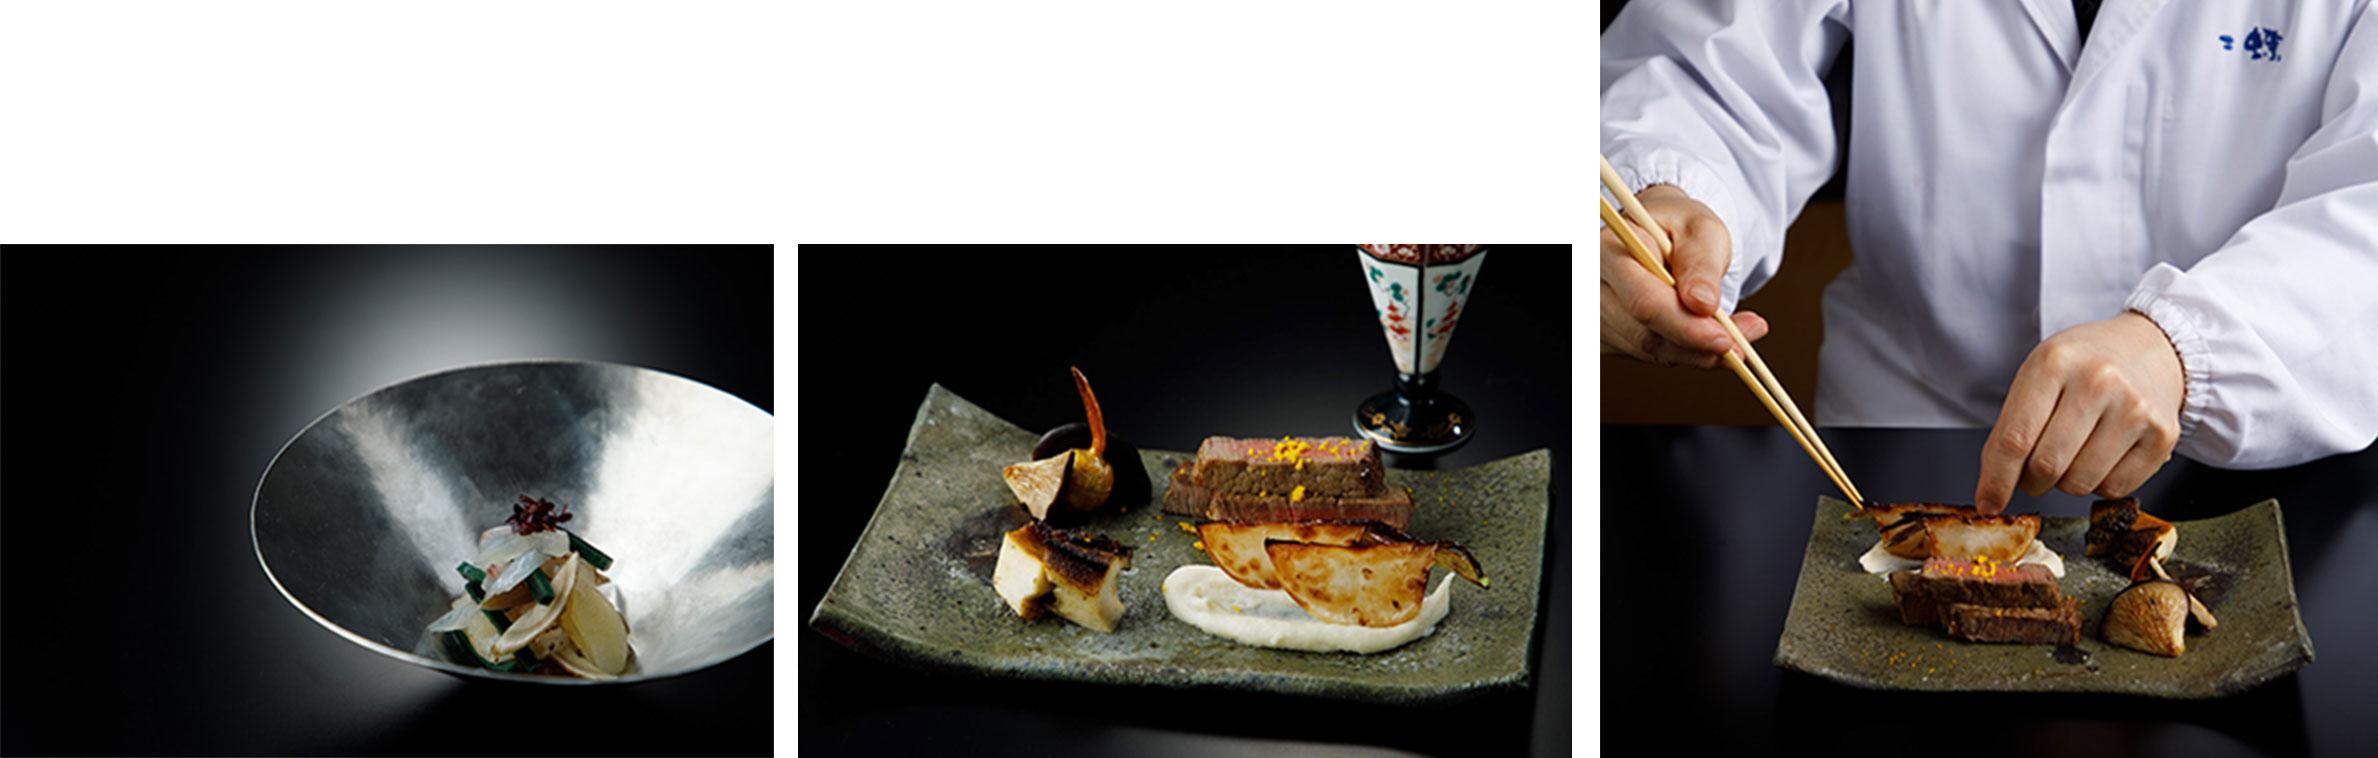 香川にしかない食材を使って新しい和食の味を作り出す